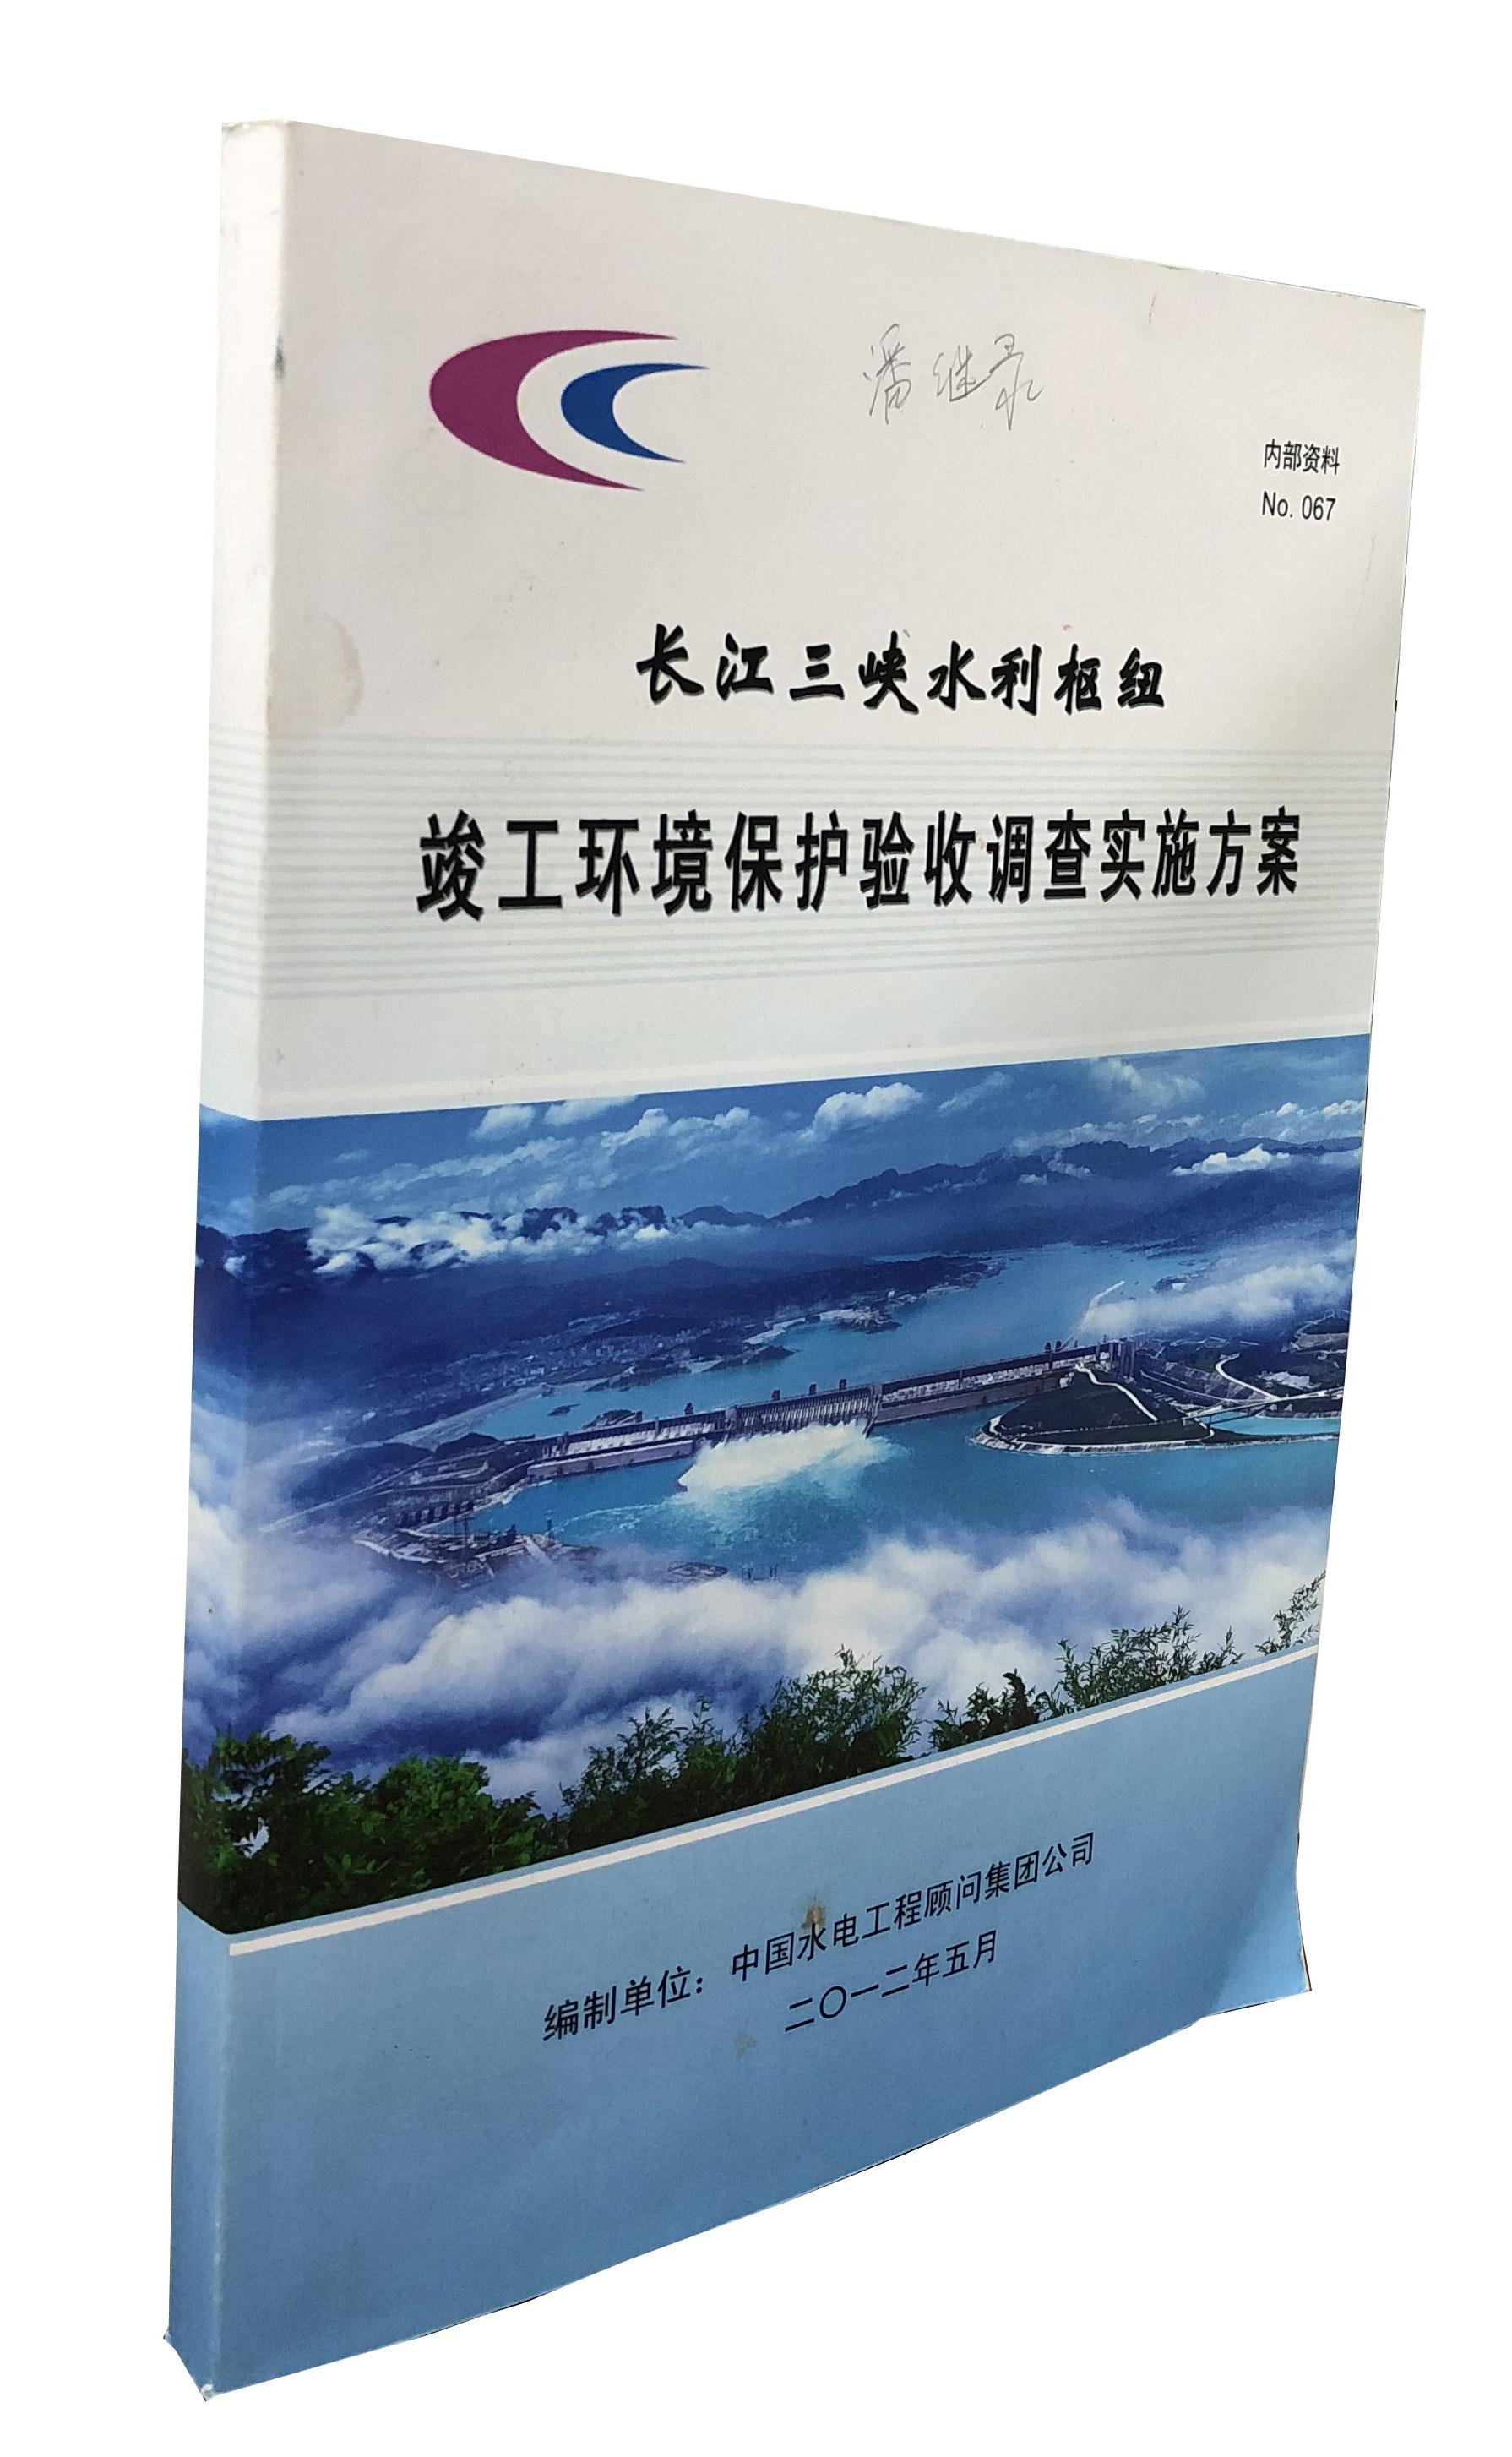 1长江三峡水利枢纽-竣工环境保护验收调查实施方案